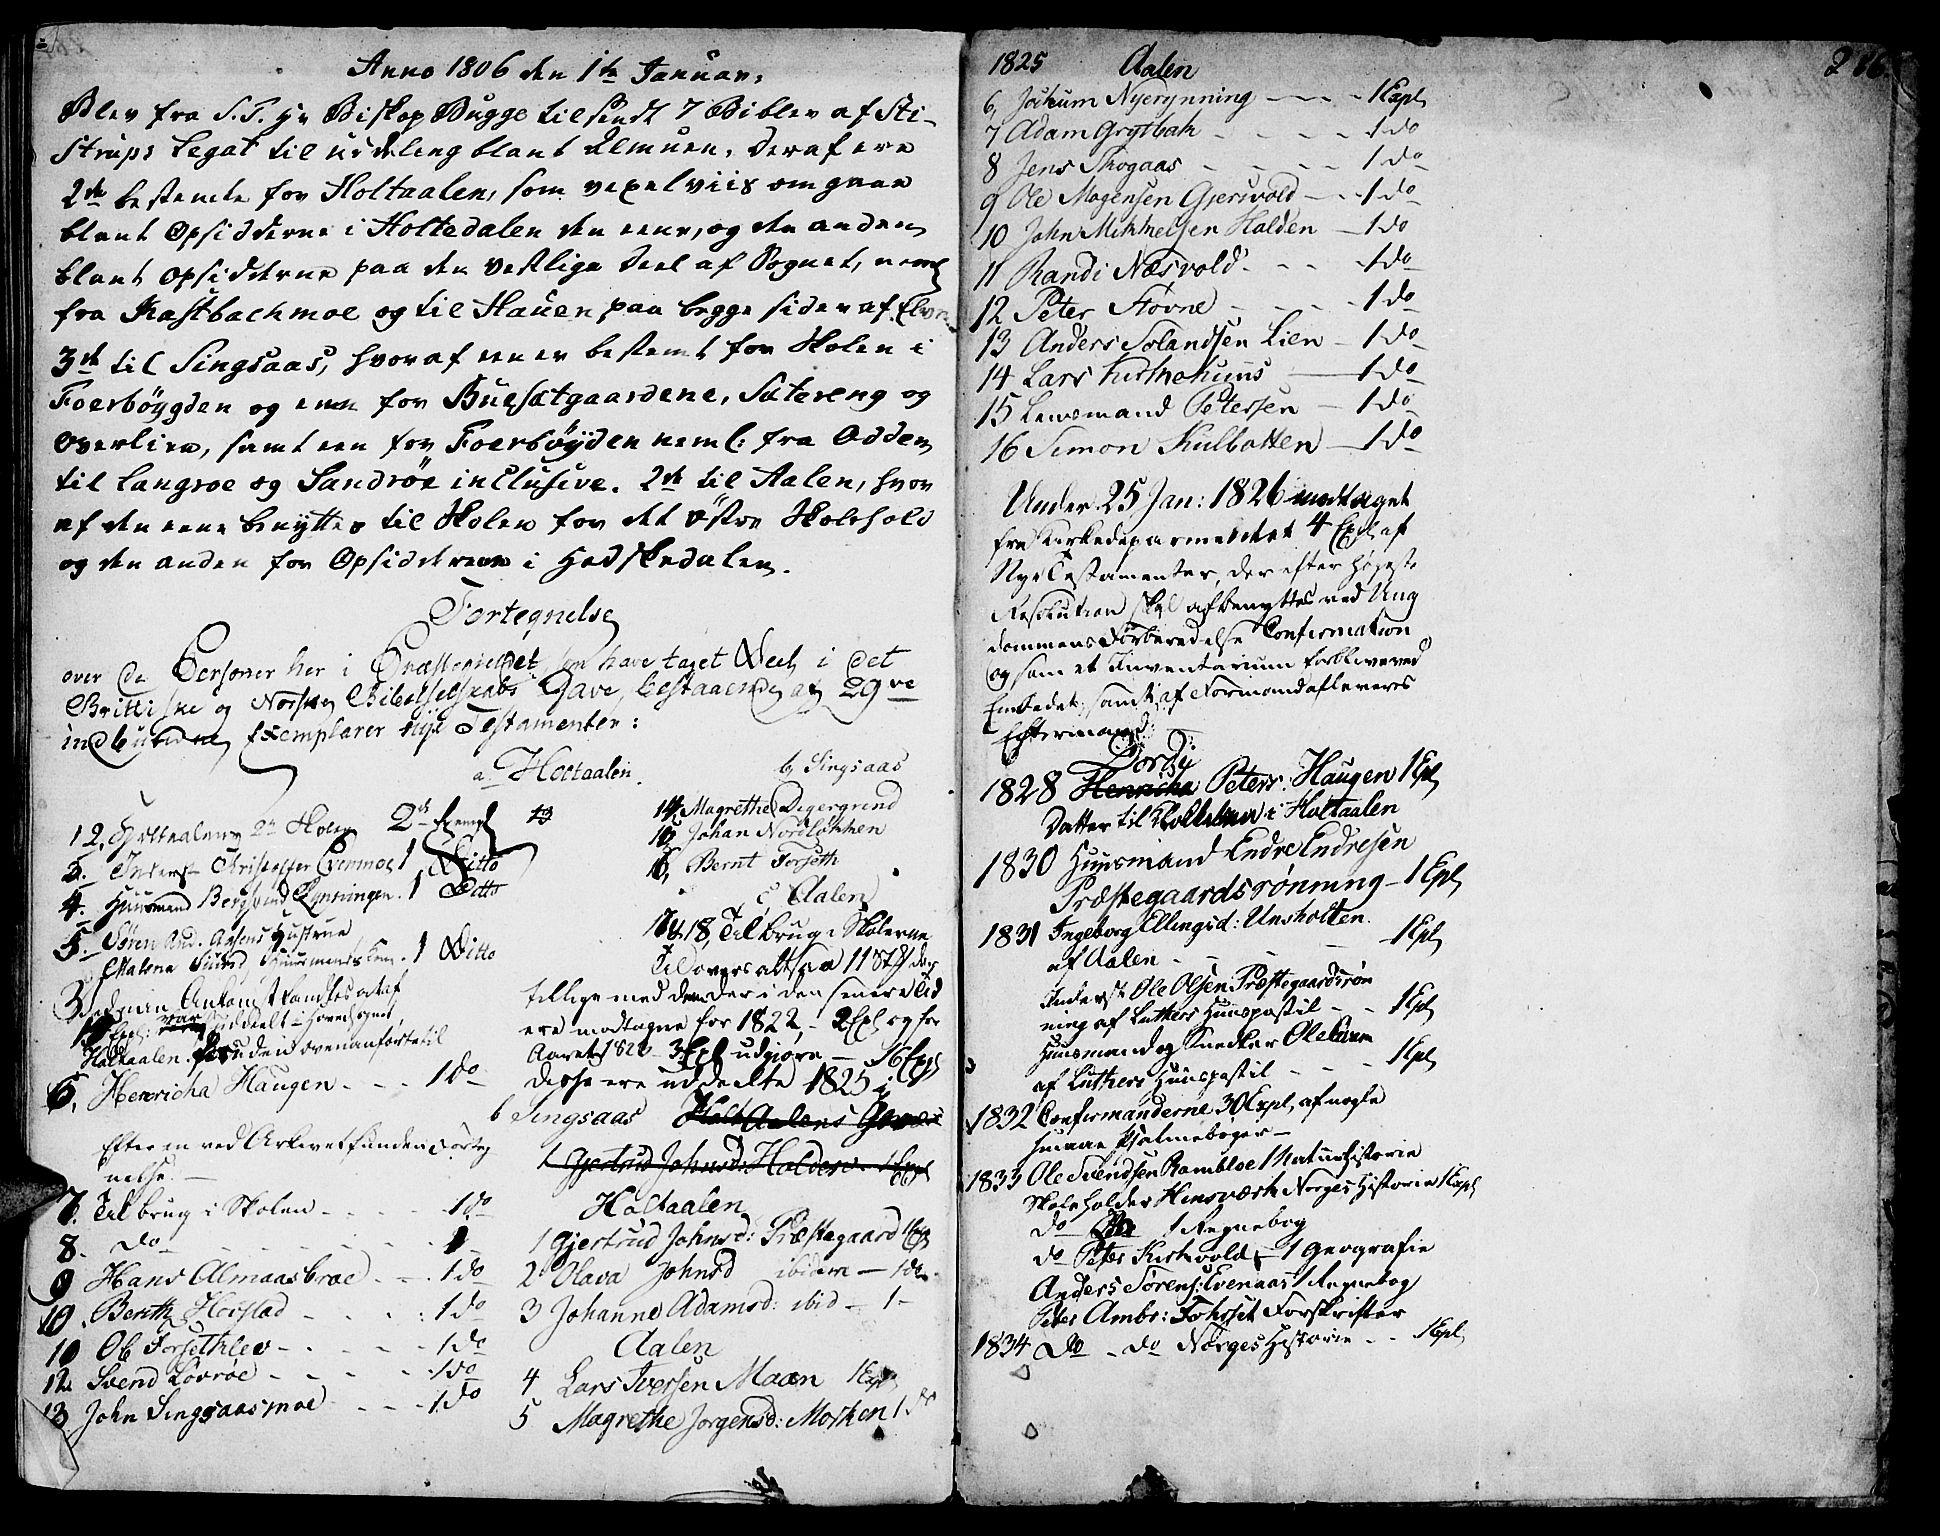 SAT, Ministerialprotokoller, klokkerbøker og fødselsregistre - Sør-Trøndelag, 685/L0953: Ministerialbok nr. 685A02, 1805-1816, s. 276